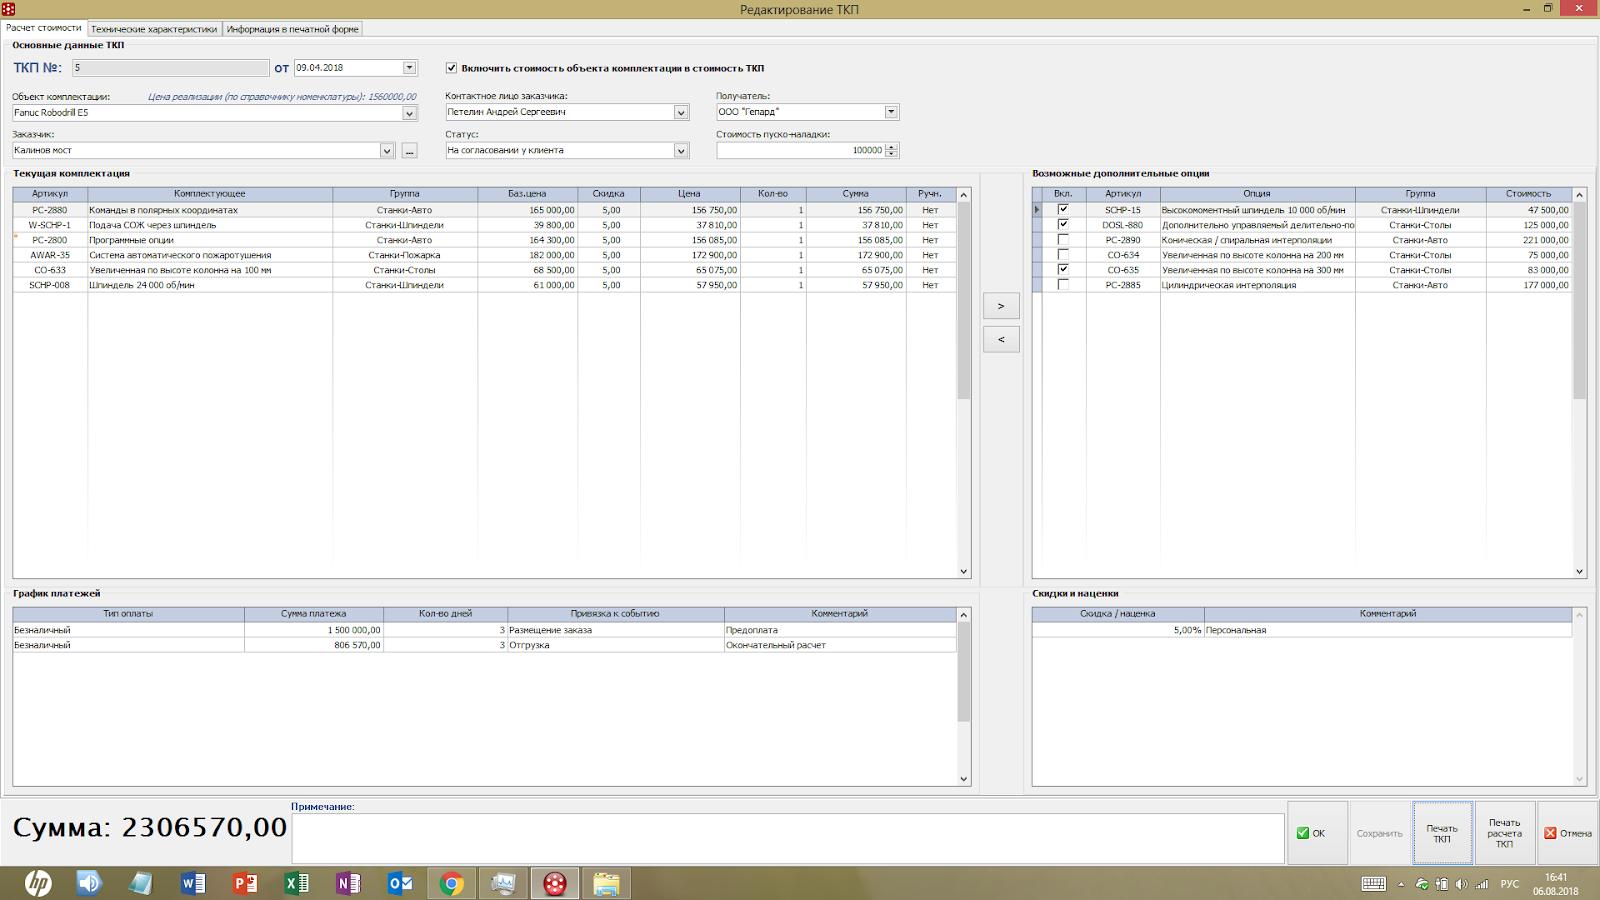 Фигак-фигак и в продакшн. Мы выпустили RegionSoft CRM 7.0 - 8